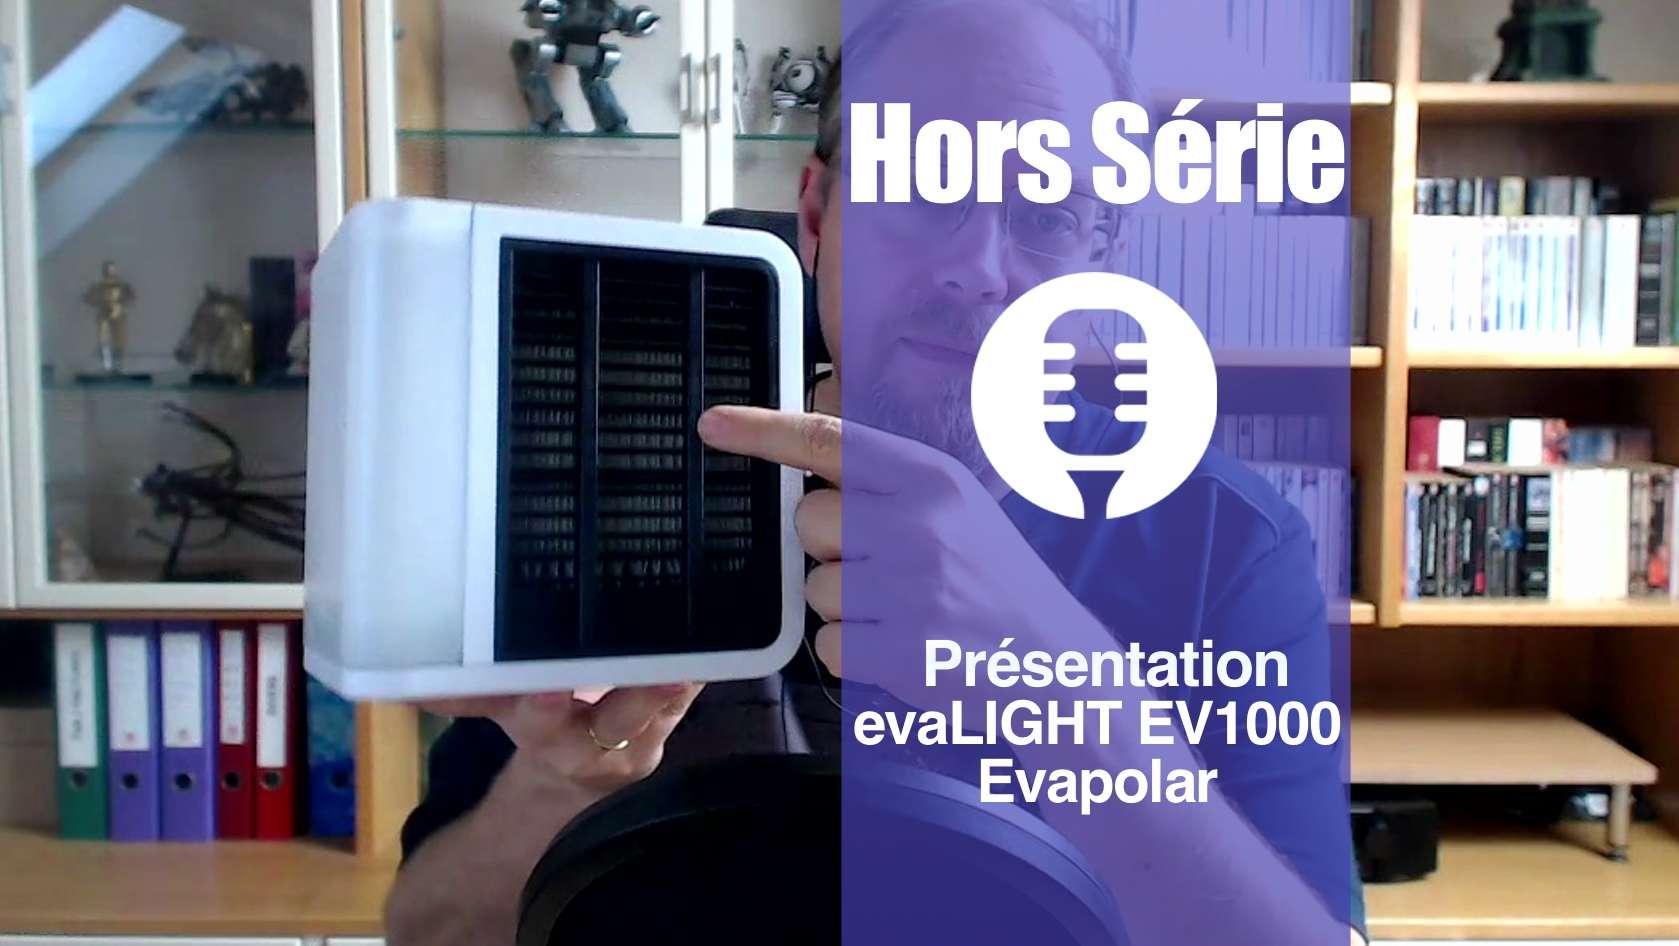 Hors série: evaLIGHT EV1000 d'Evapolar